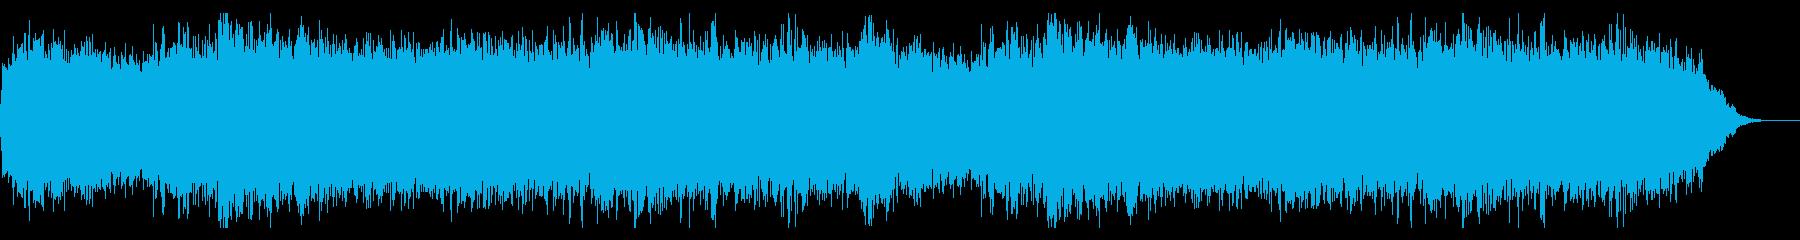 Dark_ホラーで怪しく神秘的-20_Lの再生済みの波形